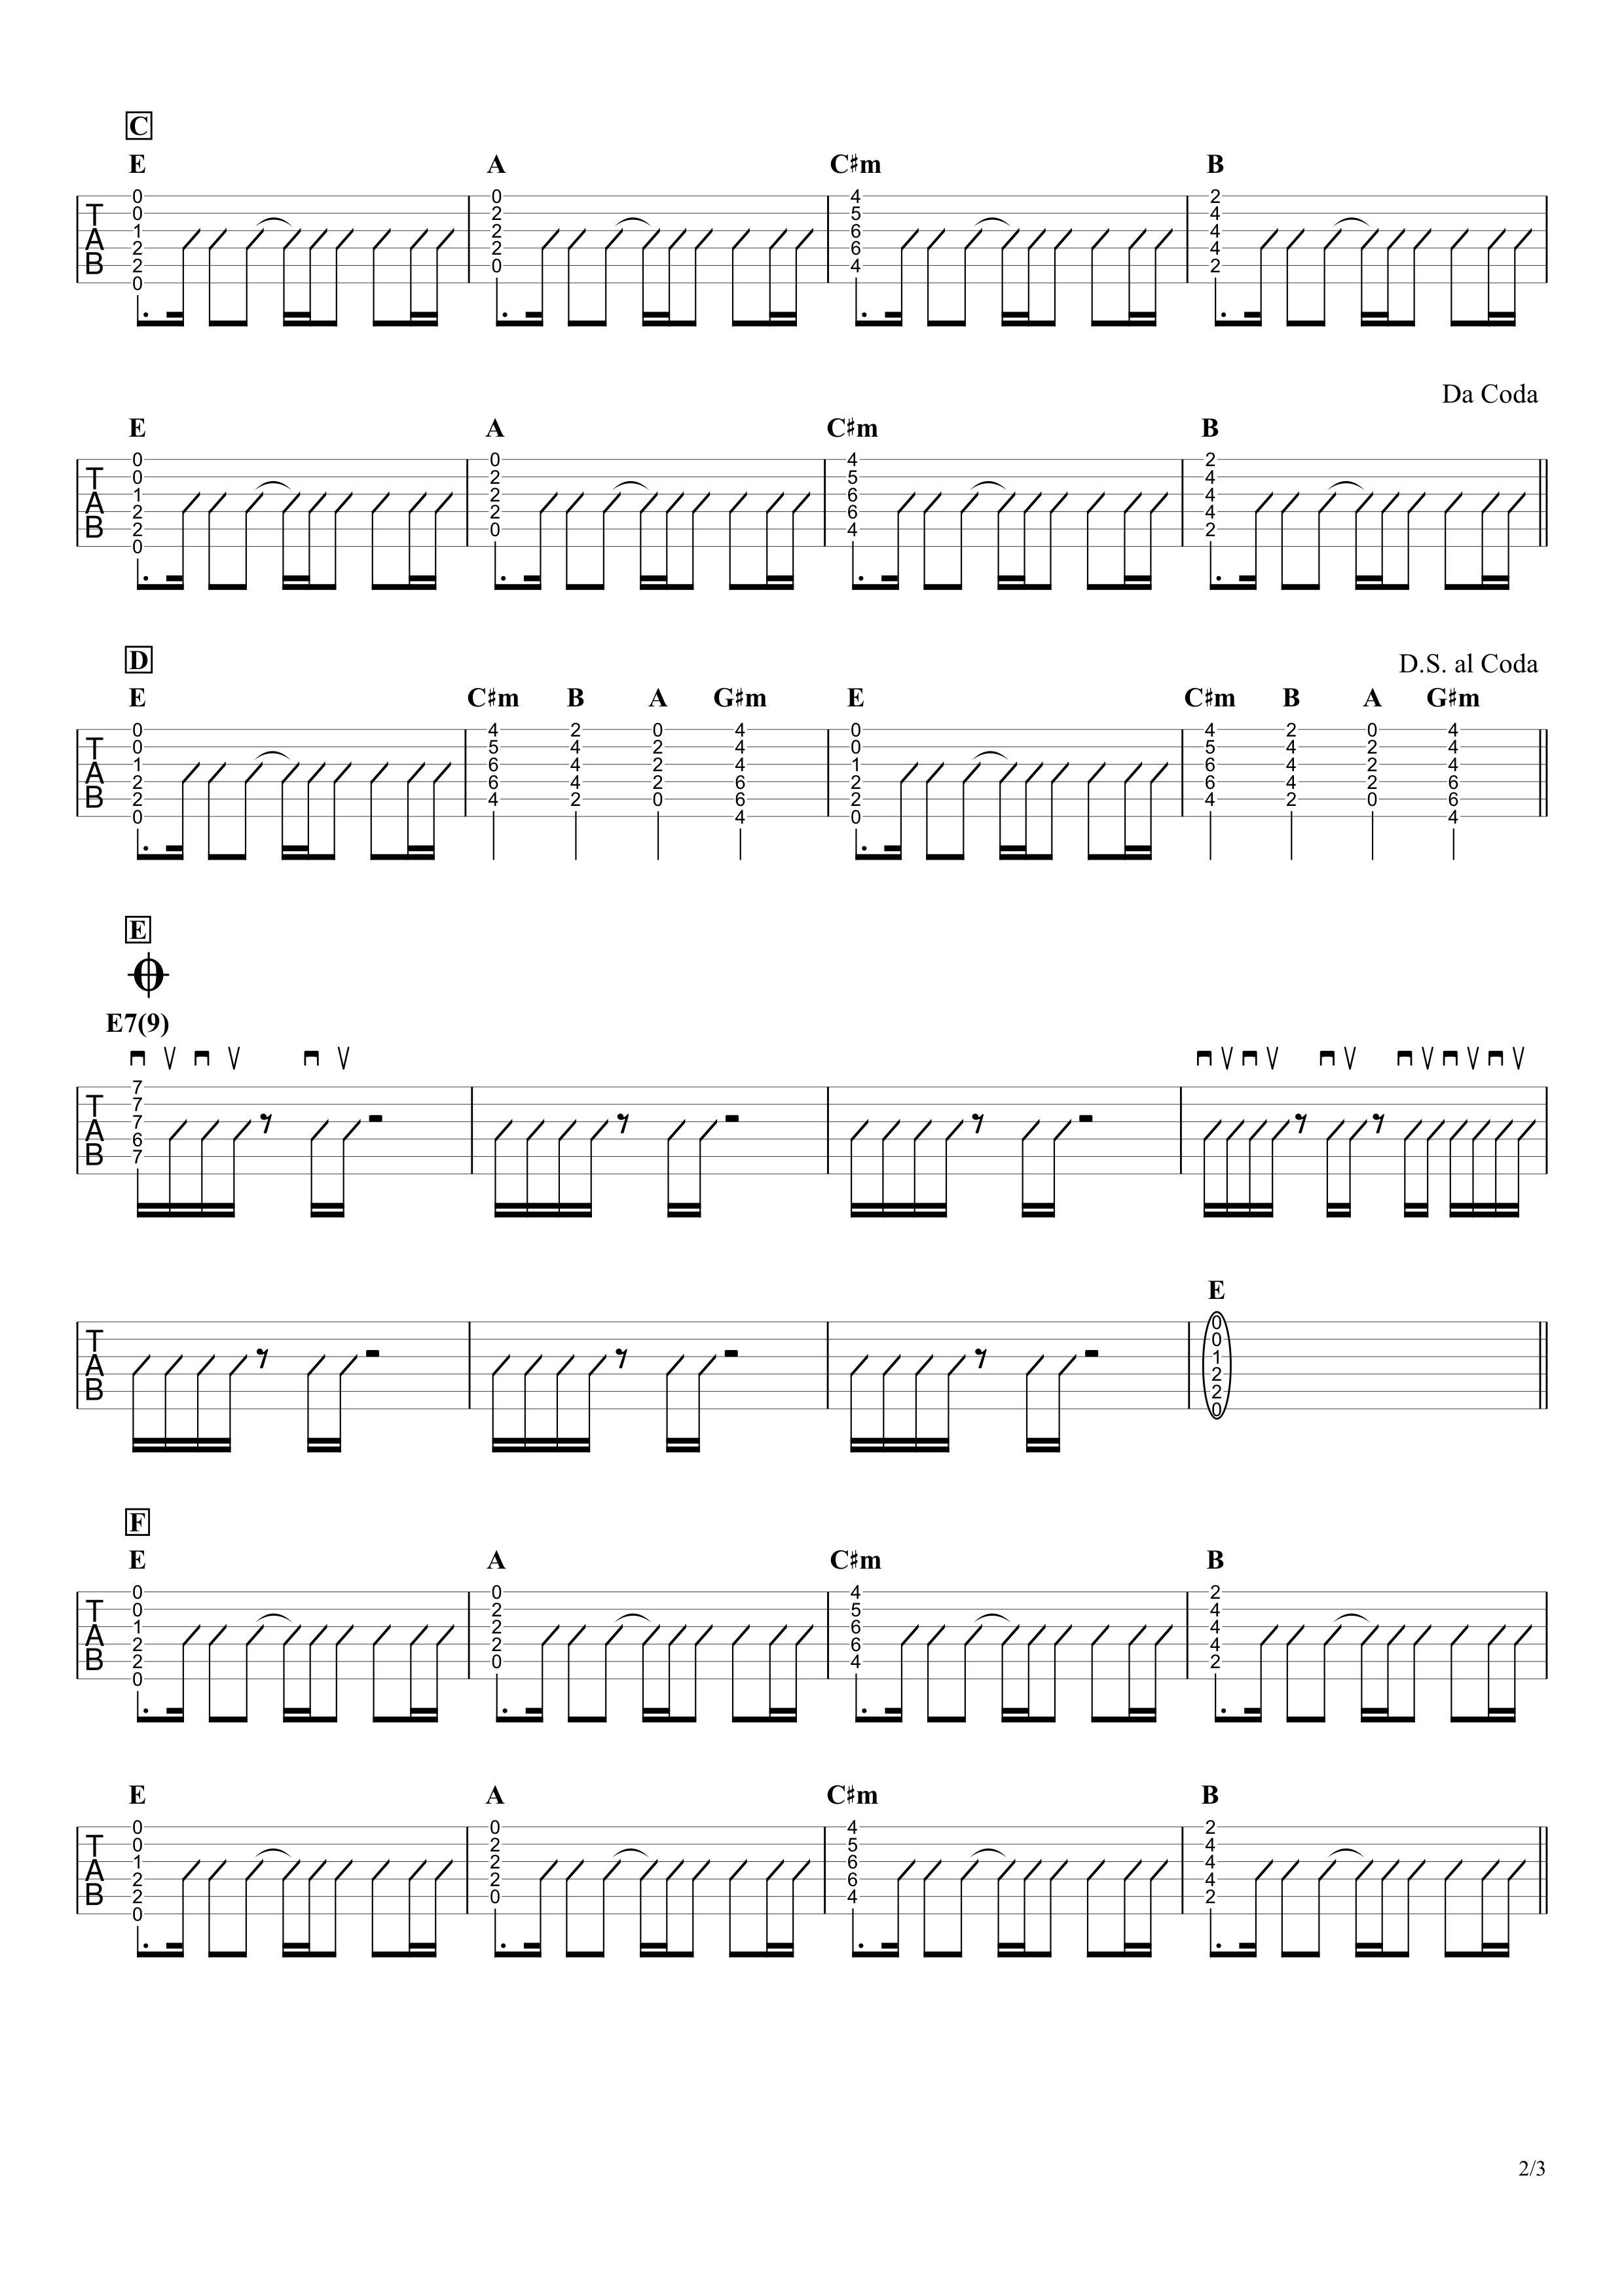 ピースオブケーク/瑛人 ギタータブ譜 アコギで弾くコードストロークVer.02